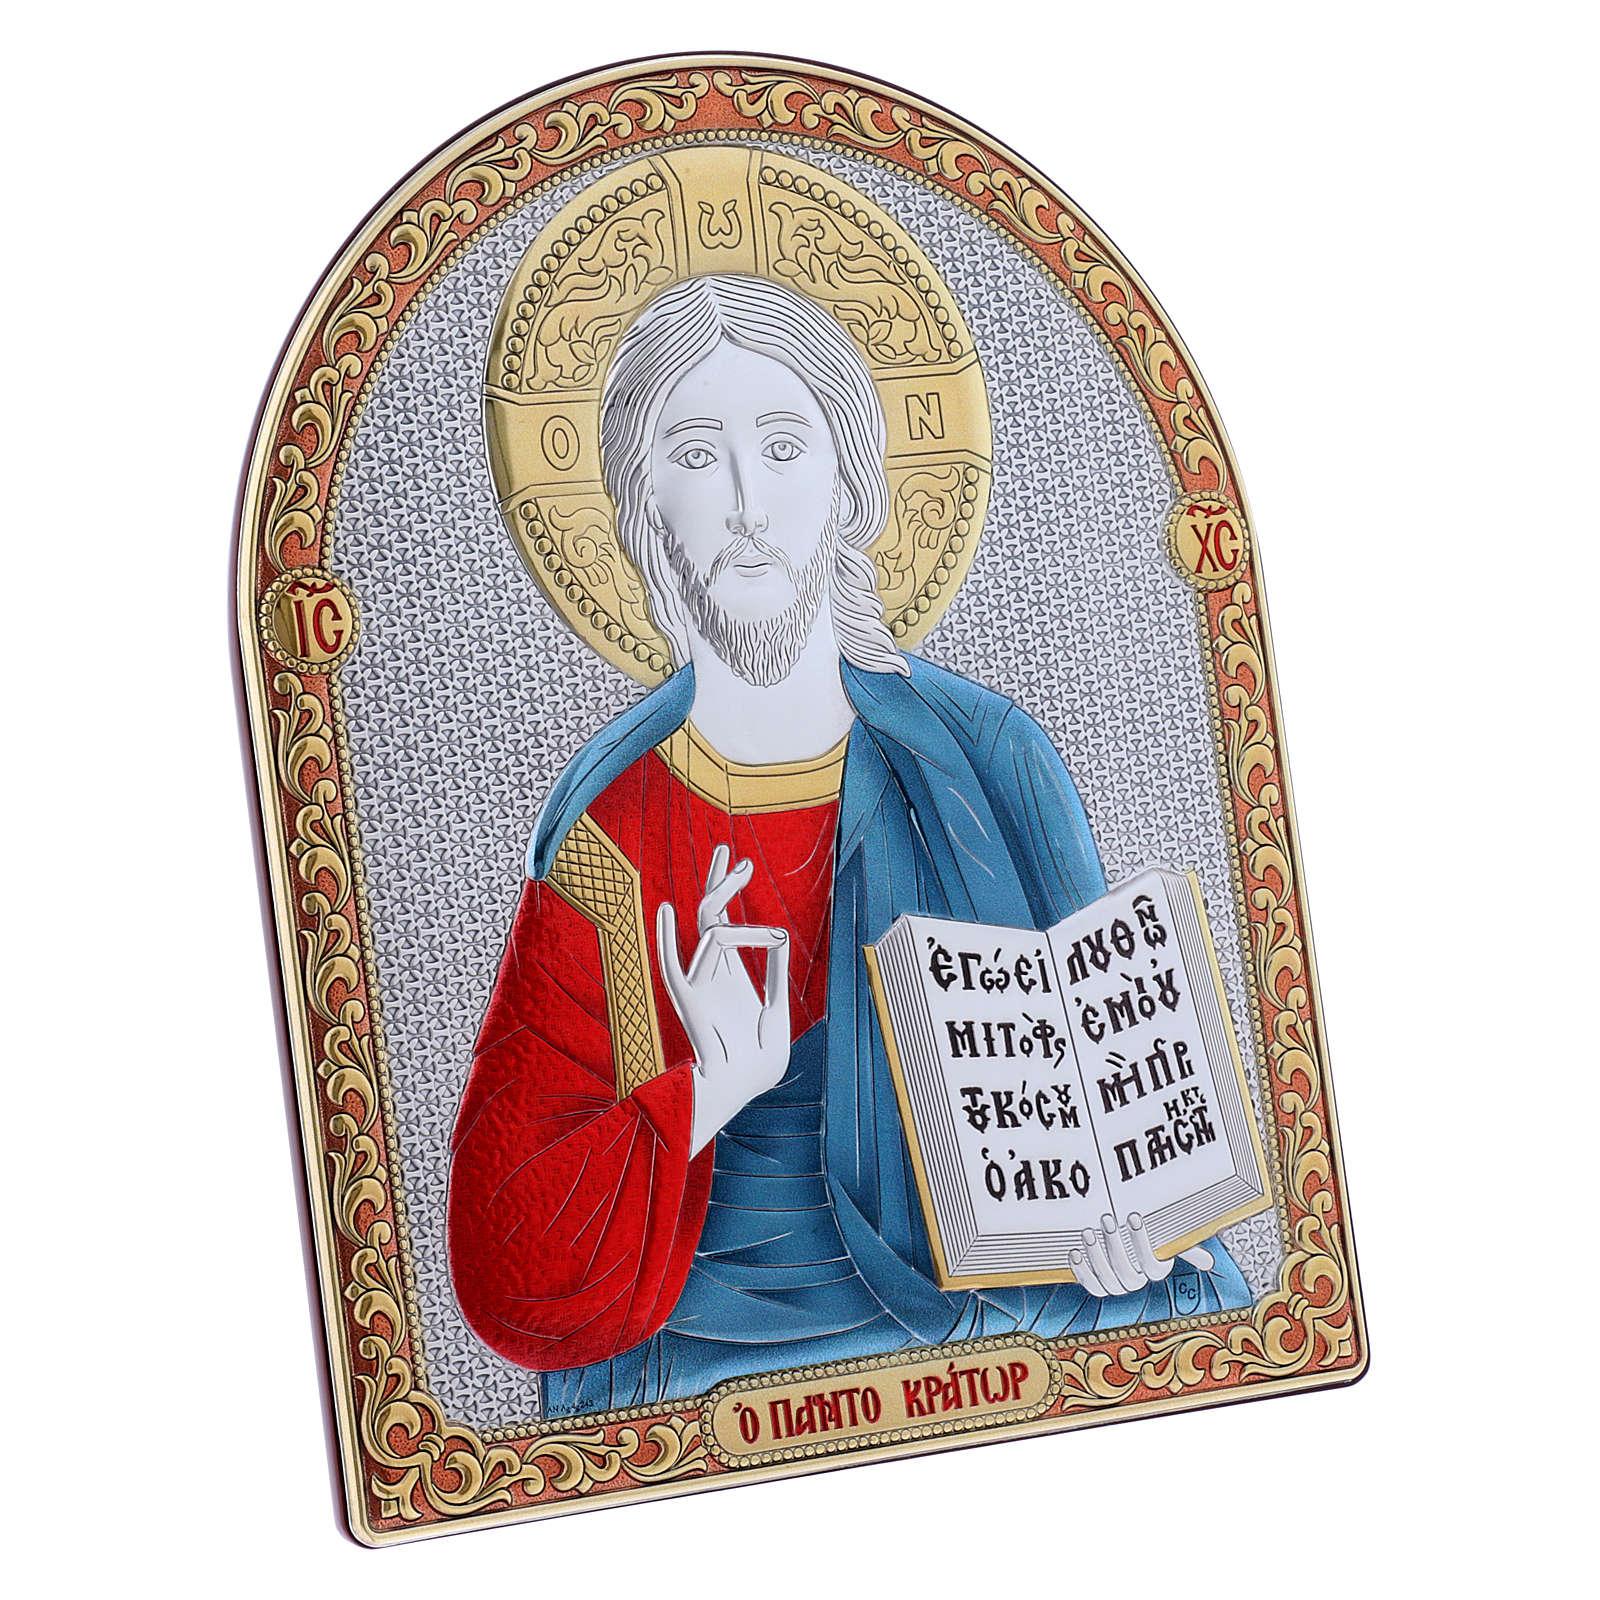 Obraz Chrystus Pantokrator czerwone i niebieskie szaty bilaminat złote wyk. tył prestiżowe drewno 24,5x20 cm 4